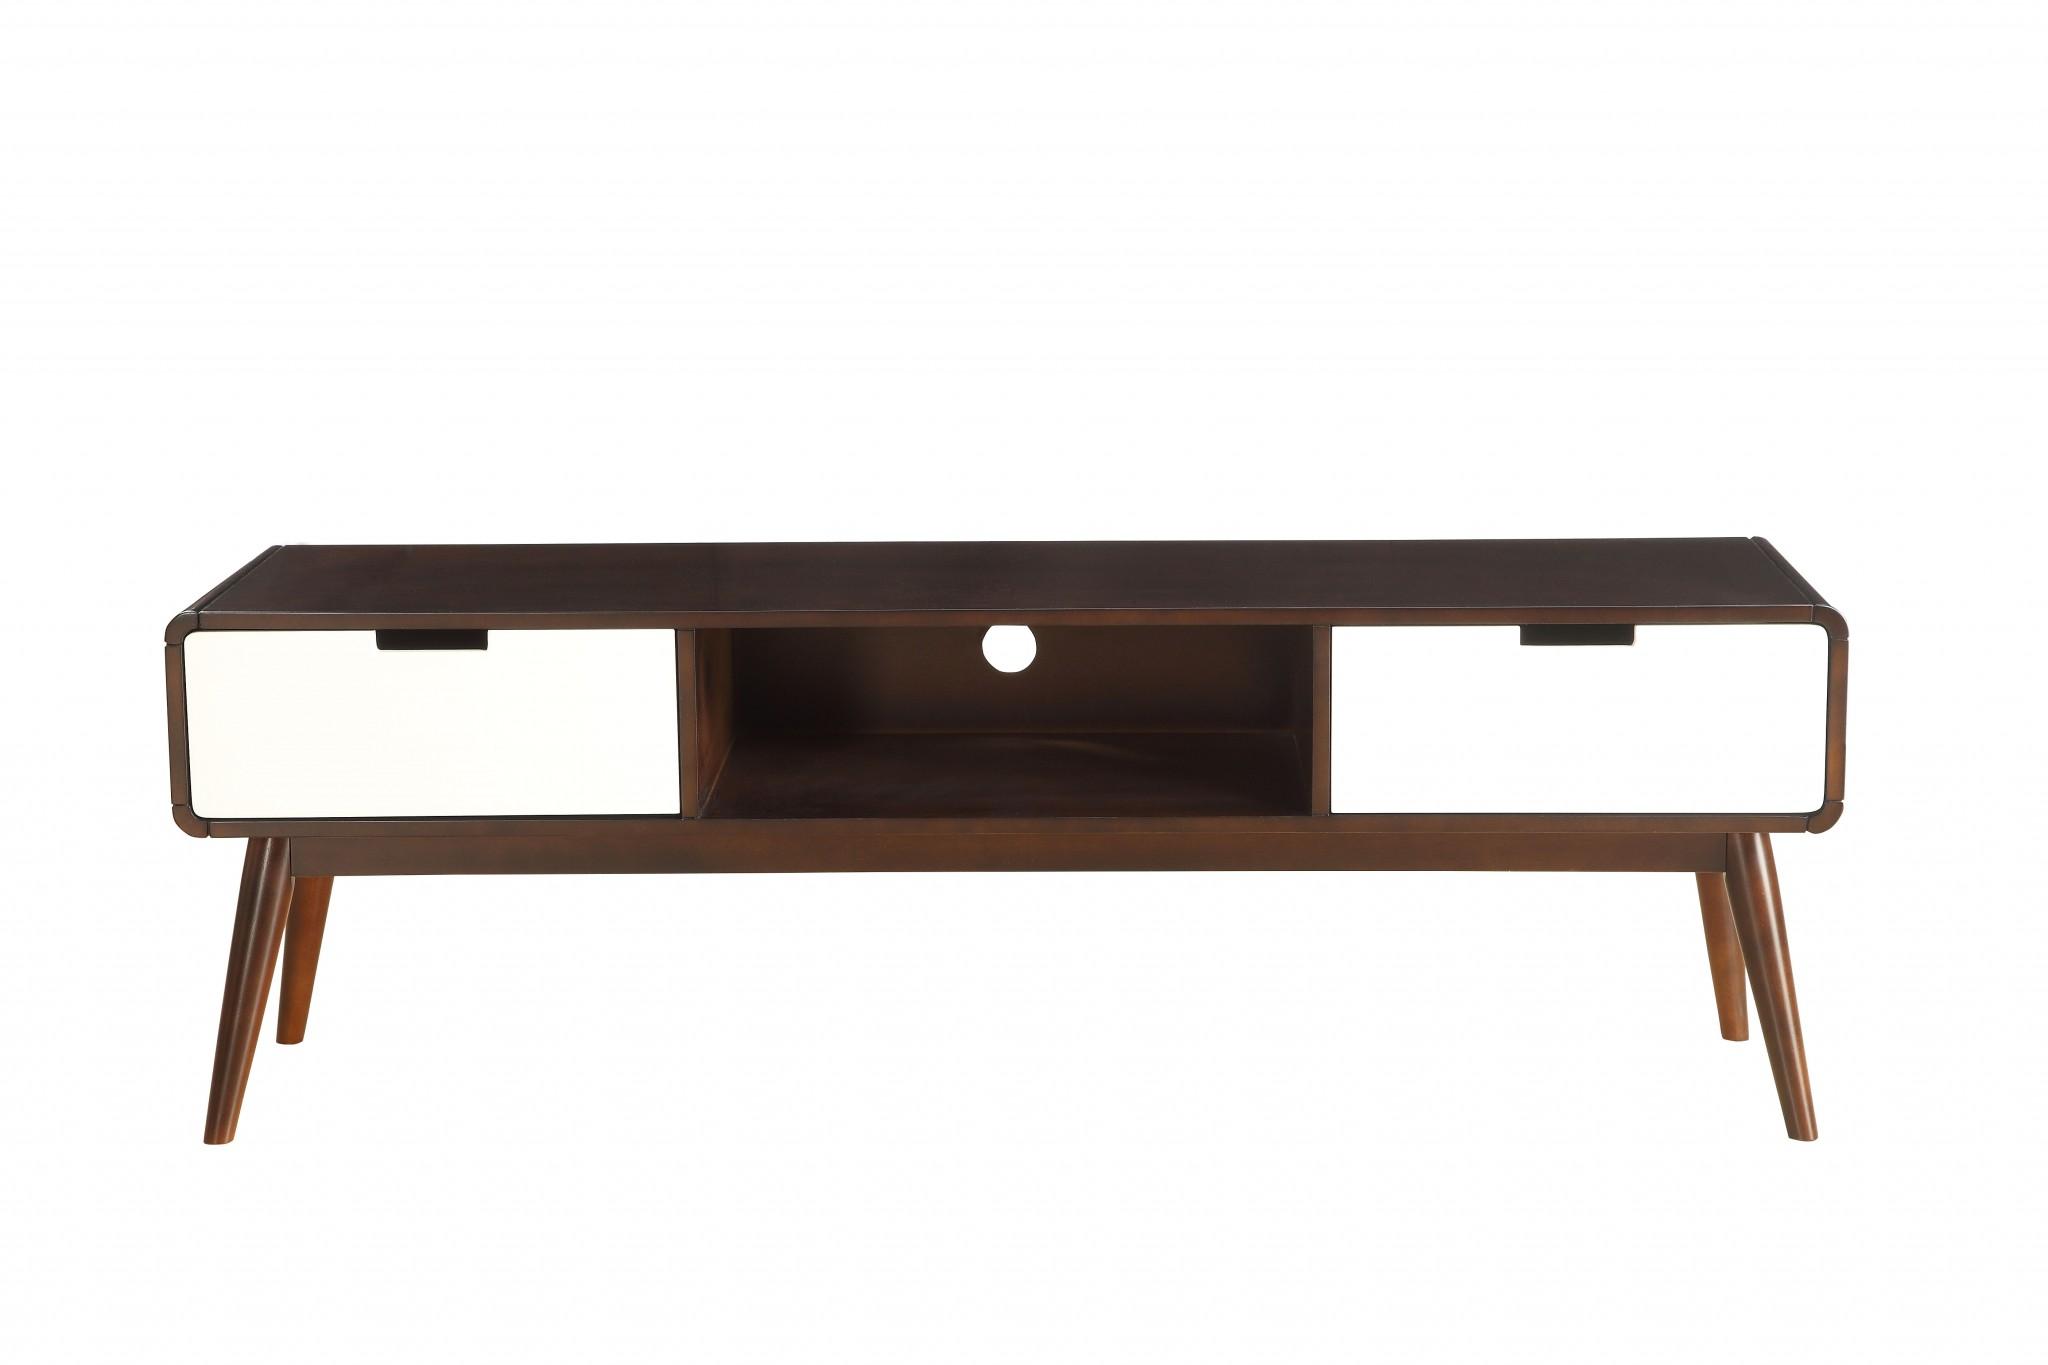 Tv Stand In Espresso & White - Mdf, Wood Veneer, Solid W Espresso & White